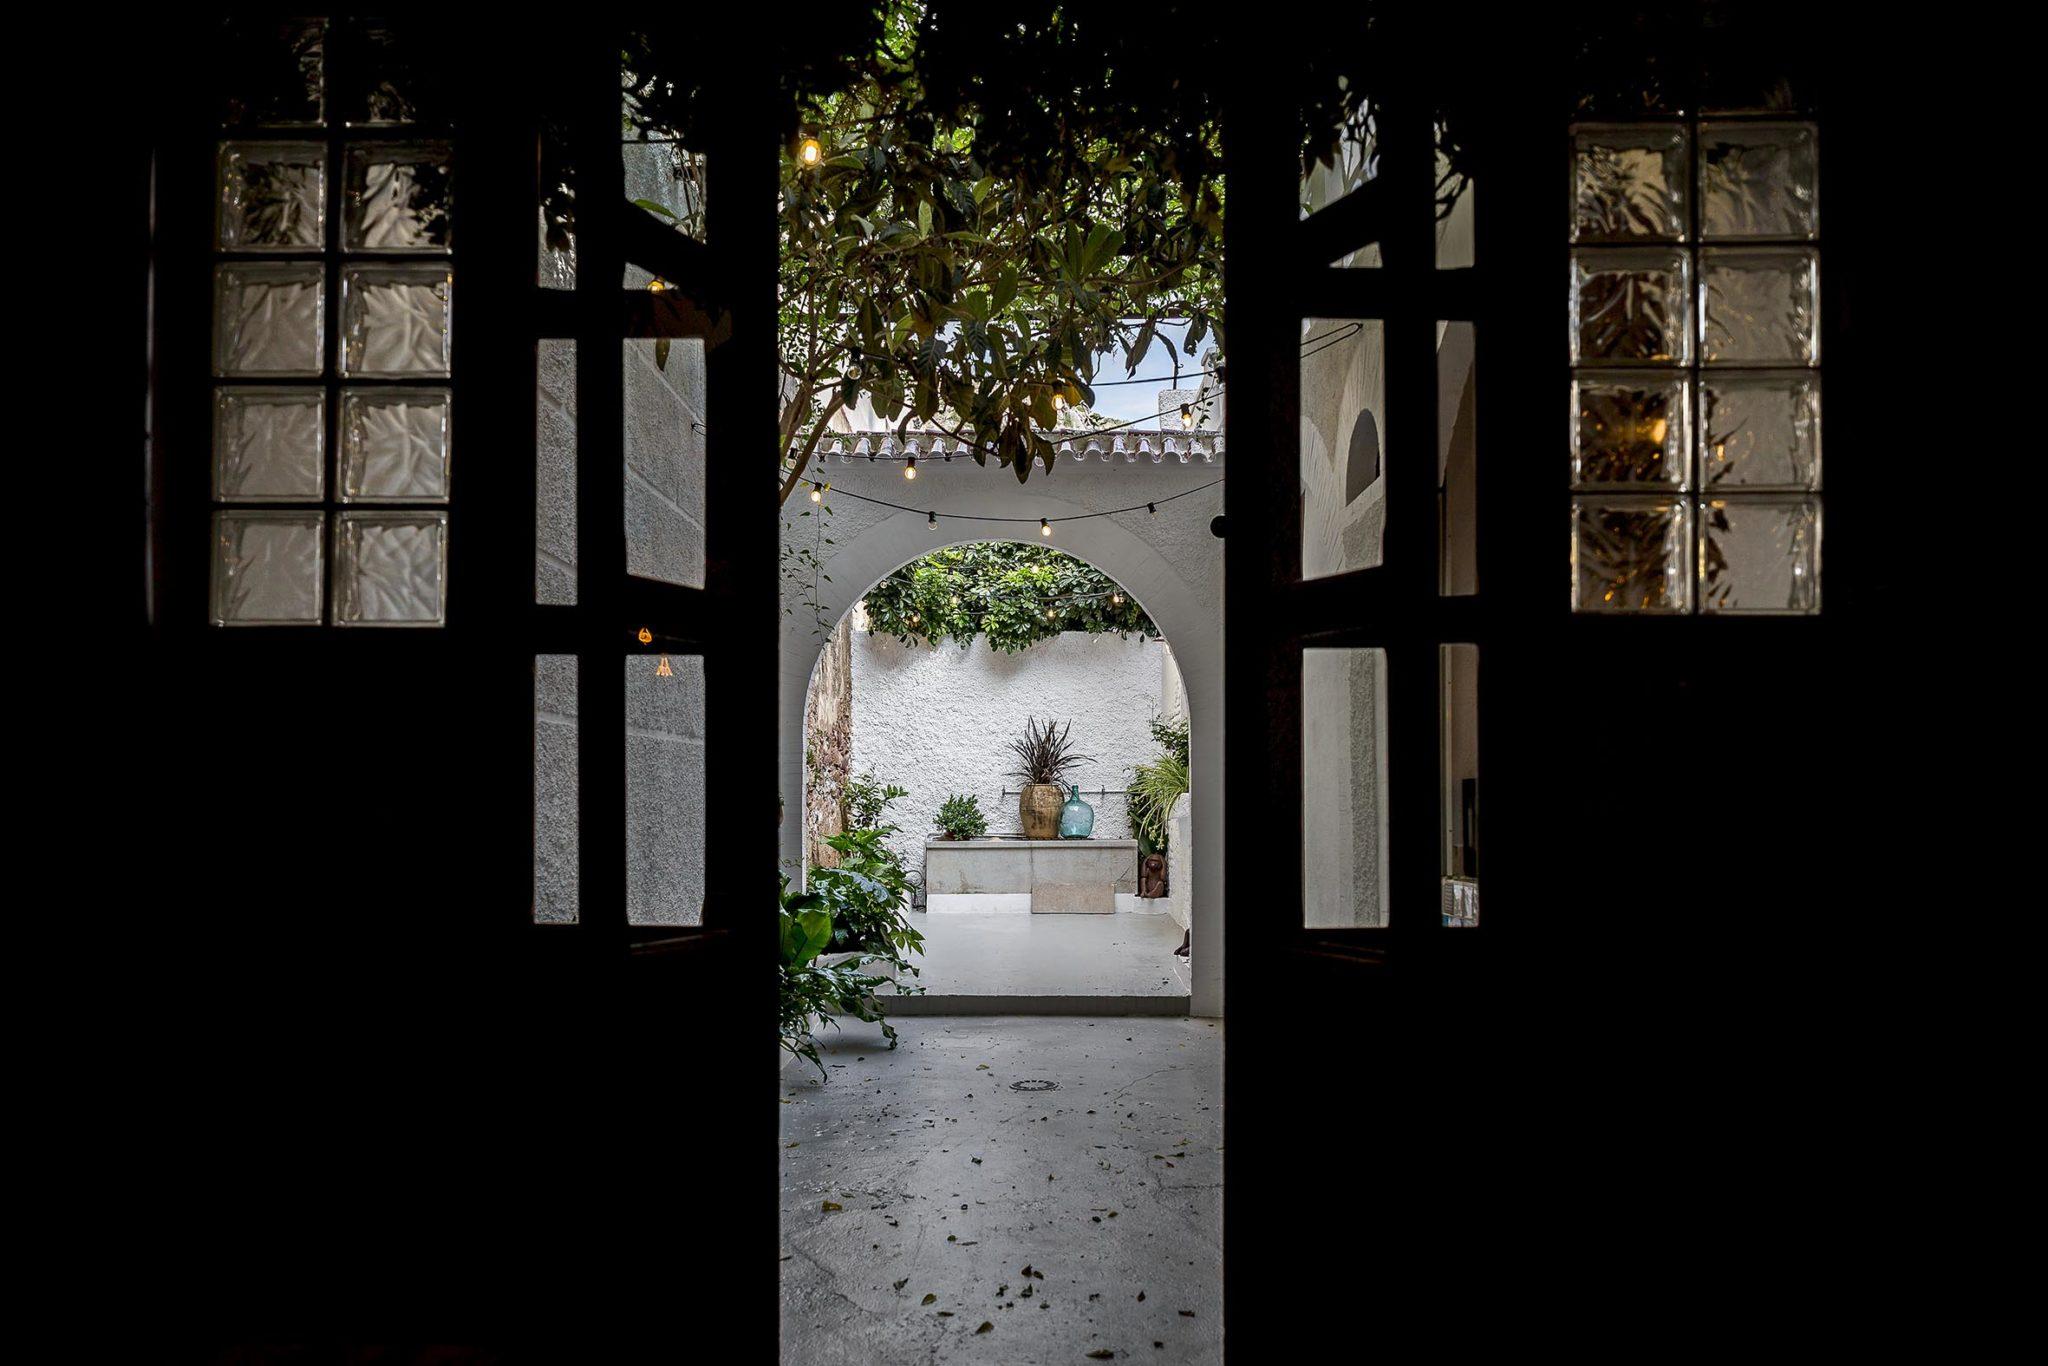 MarujitaLinda-fotografía de interiores